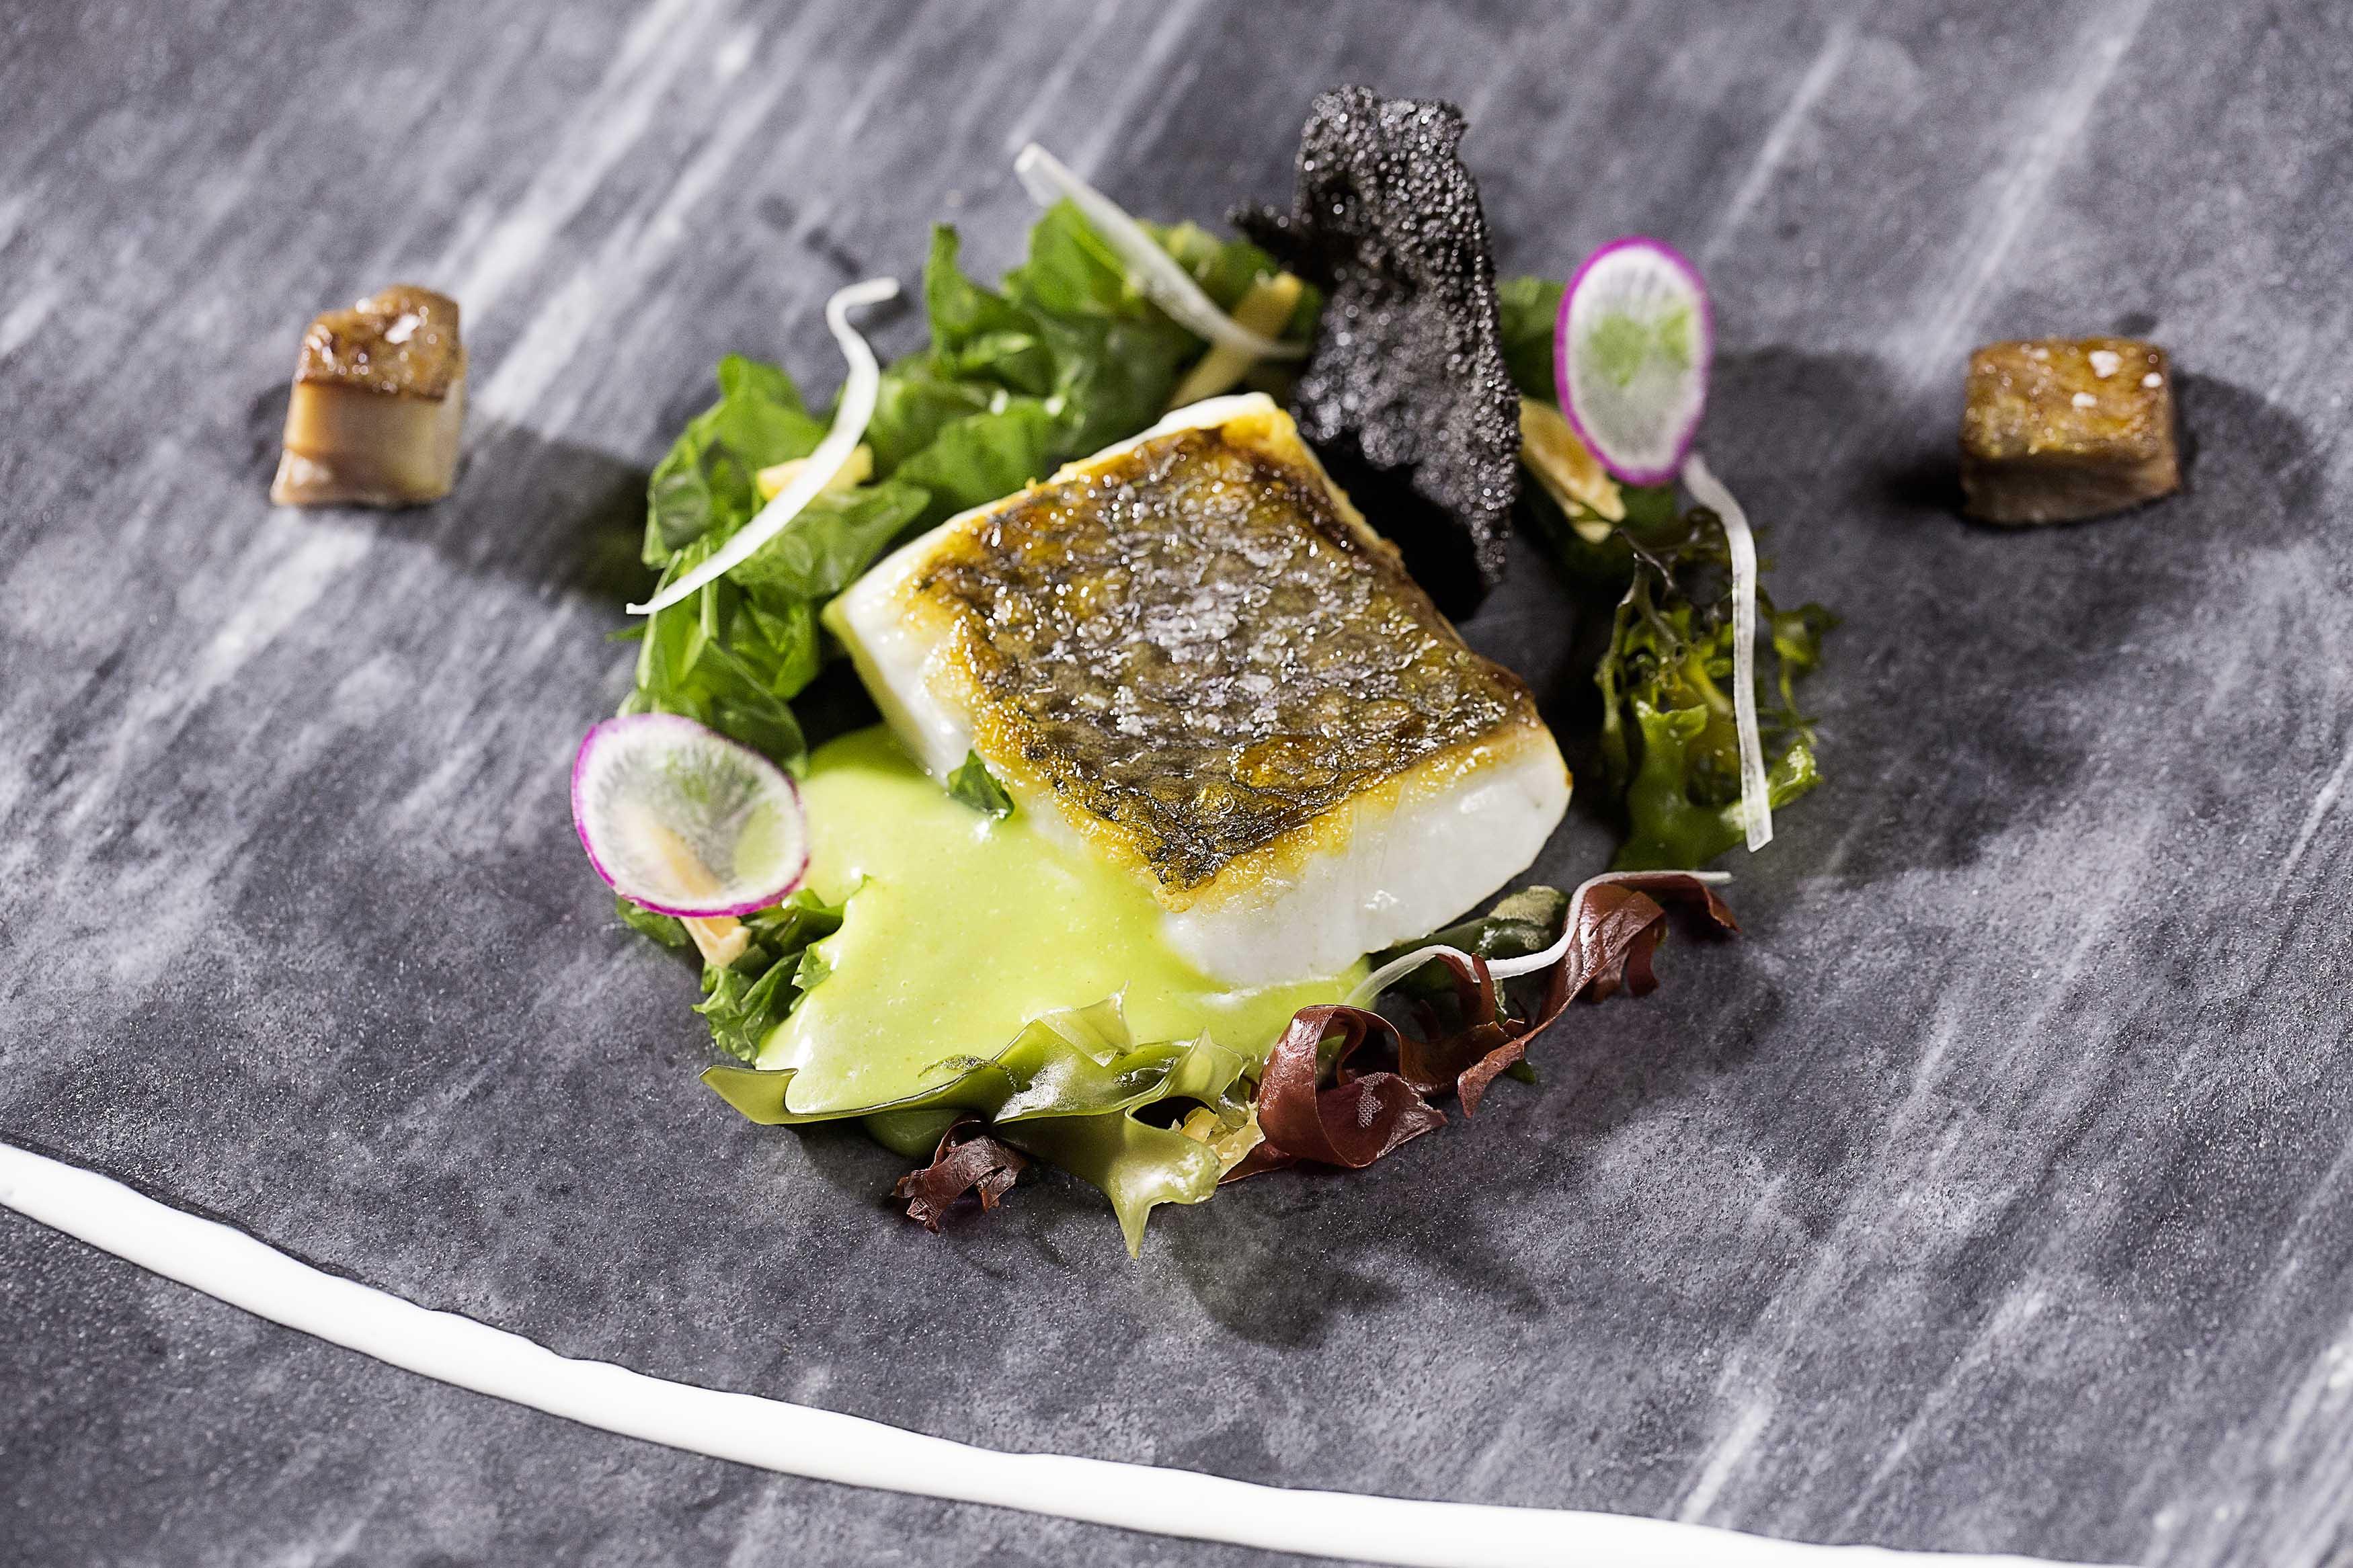 MH-Rte.-Oria-Corvina-con-jugo-de-wakame-meloso-y-ensalada-de-algas-y-frutos-secos